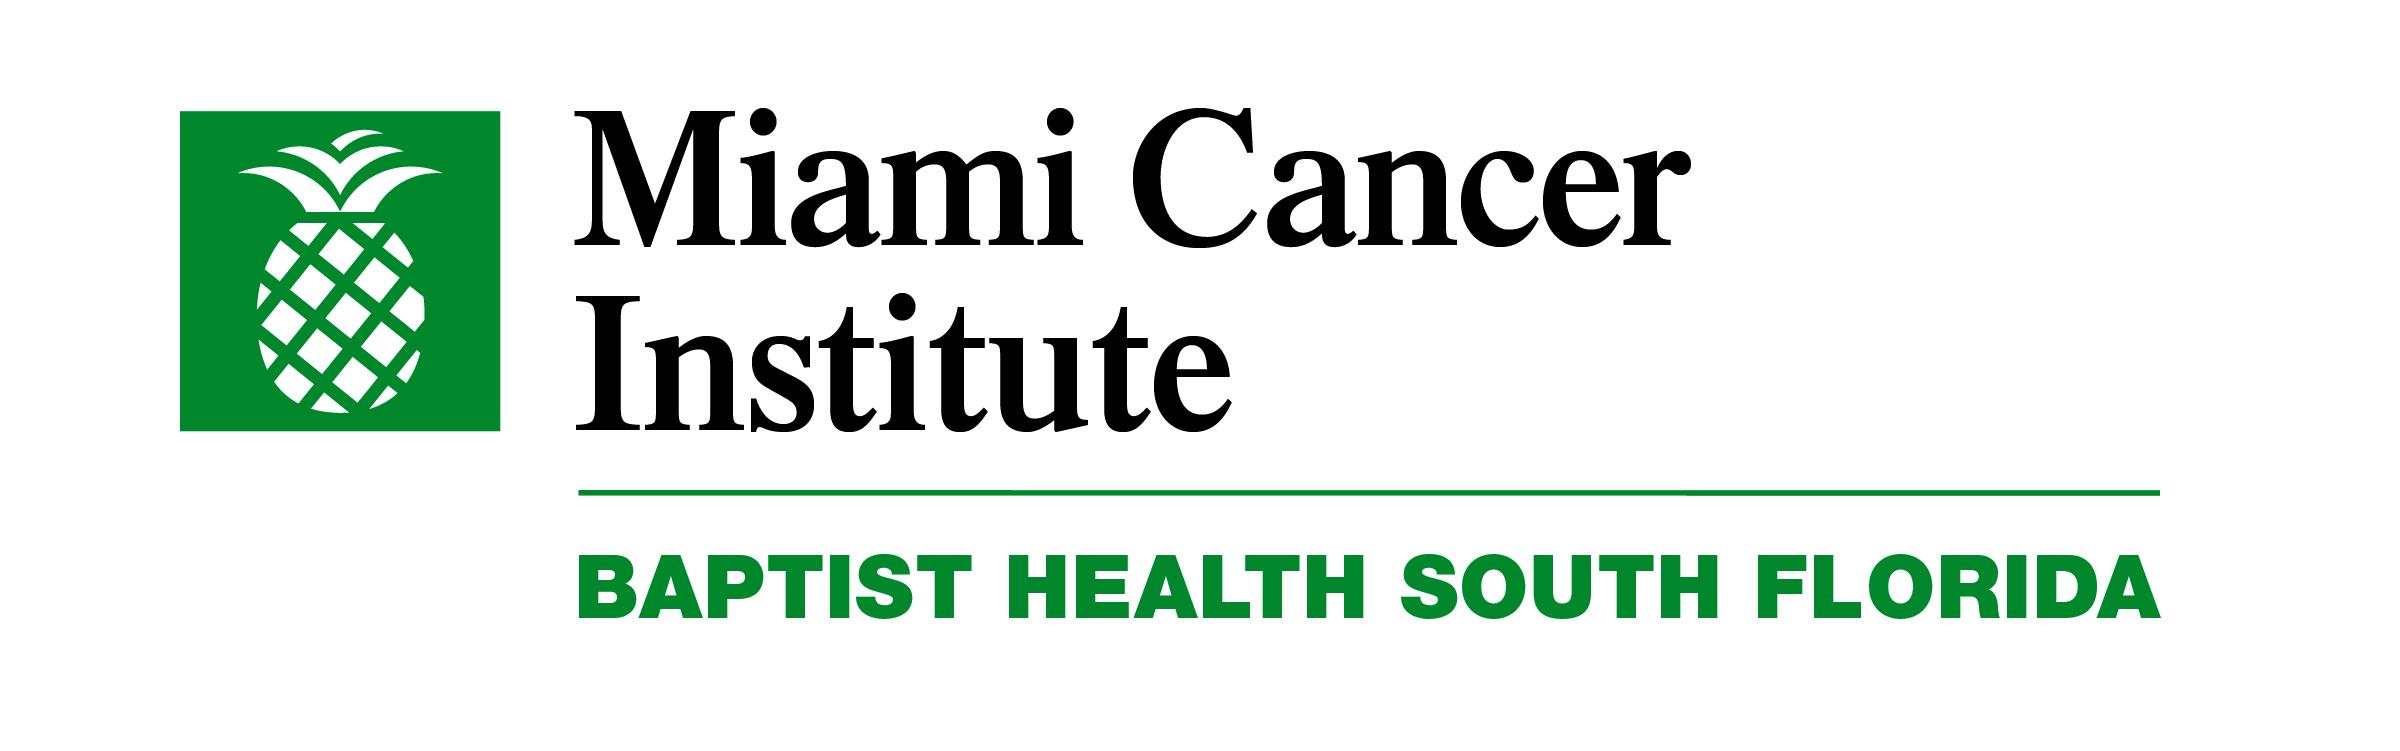 Miami Cancer Institute